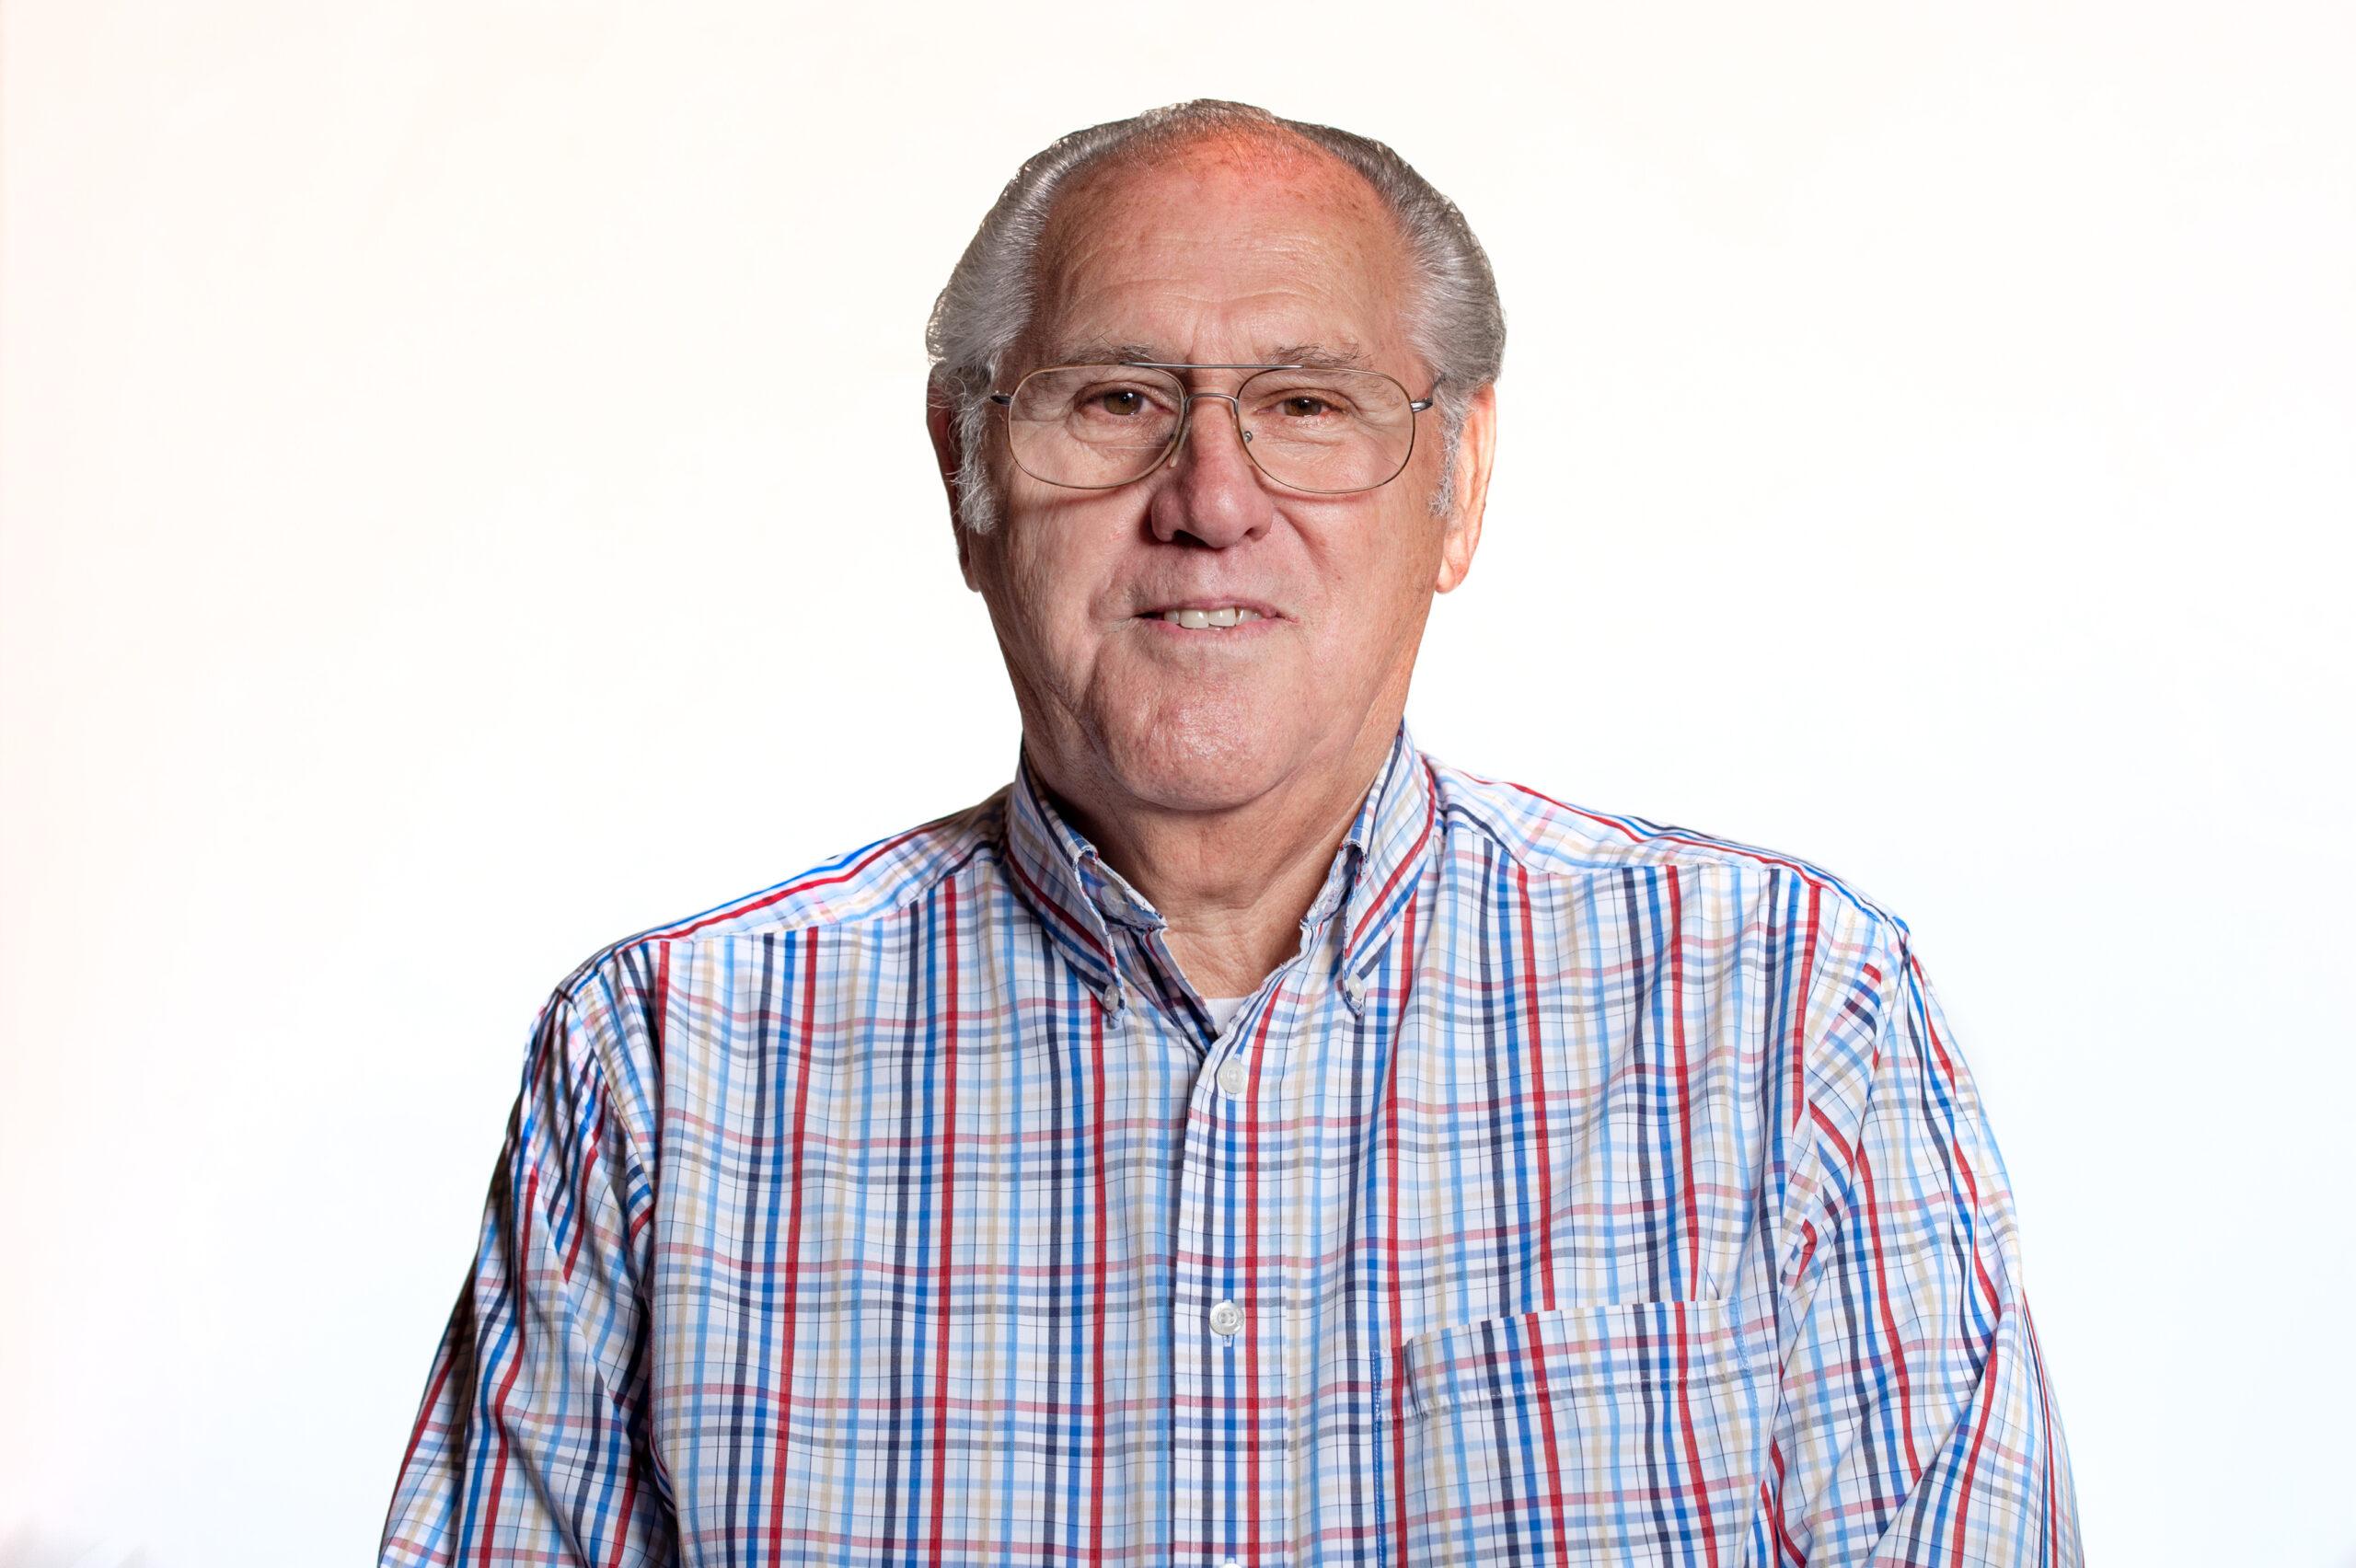 Ted Morgan